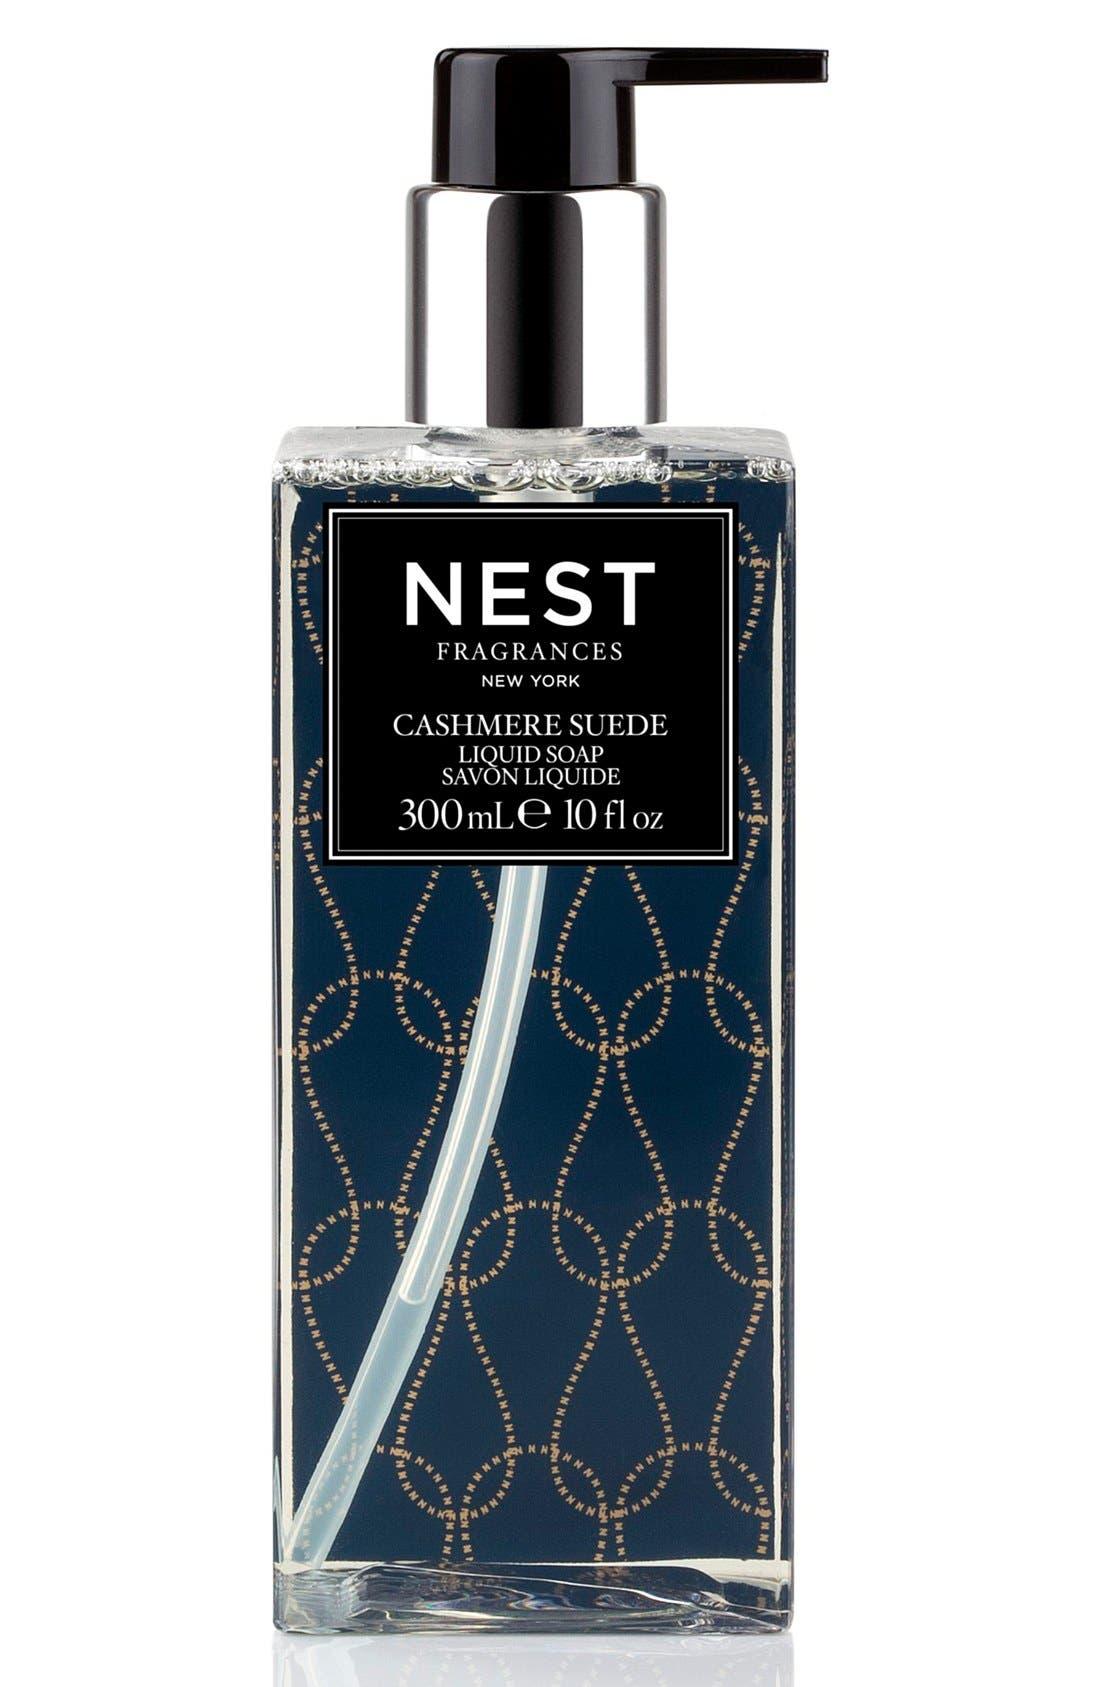 NEST Fragrances 'Cashmere Suede' Liquid Soap